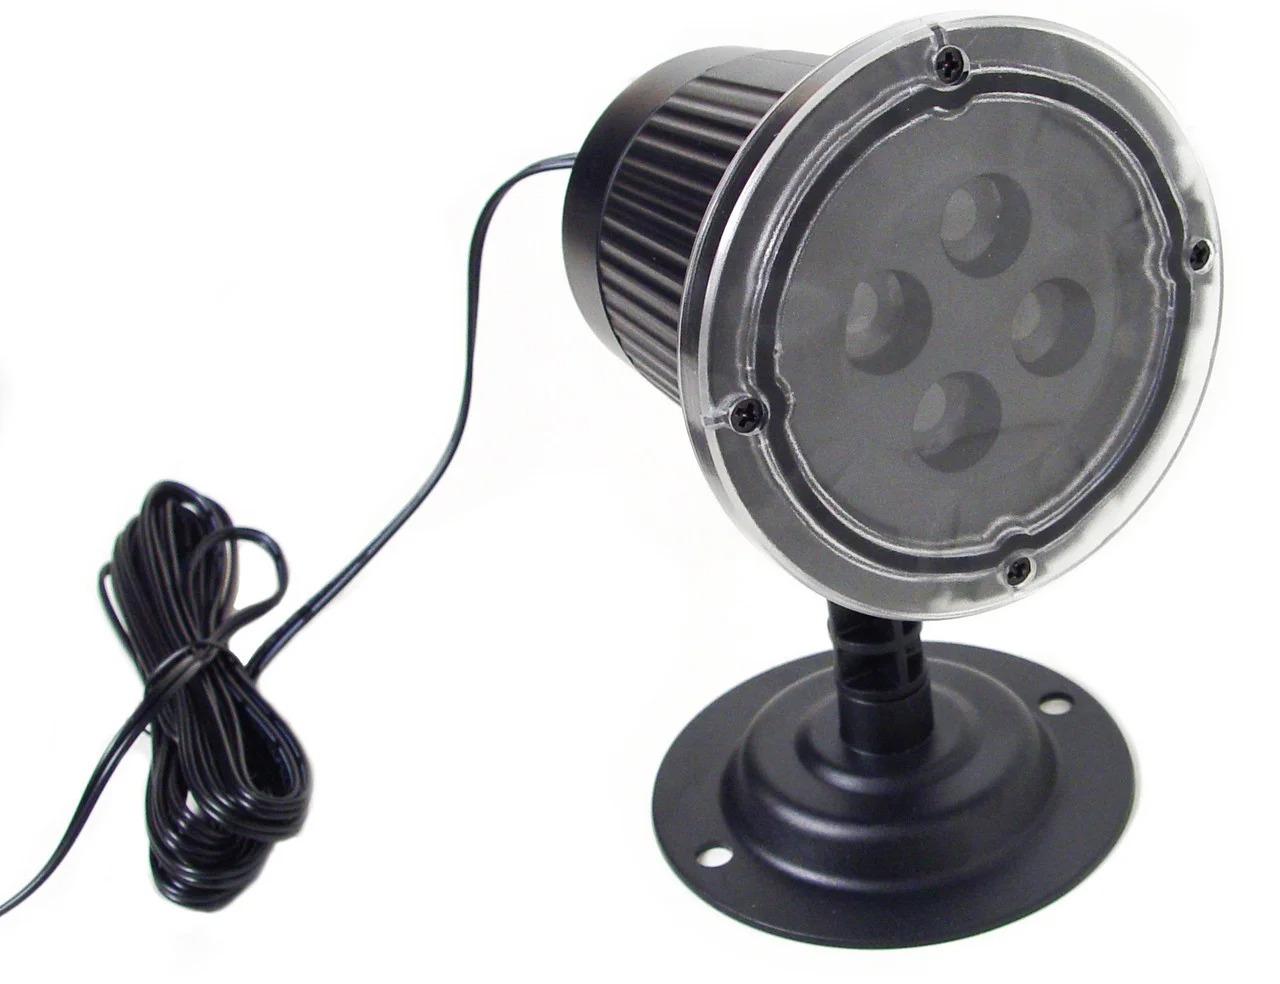 Уличный лазерный проектор для украшения домов новогодний  Festival Projection Lamp | 4 цвета 8 рисунков